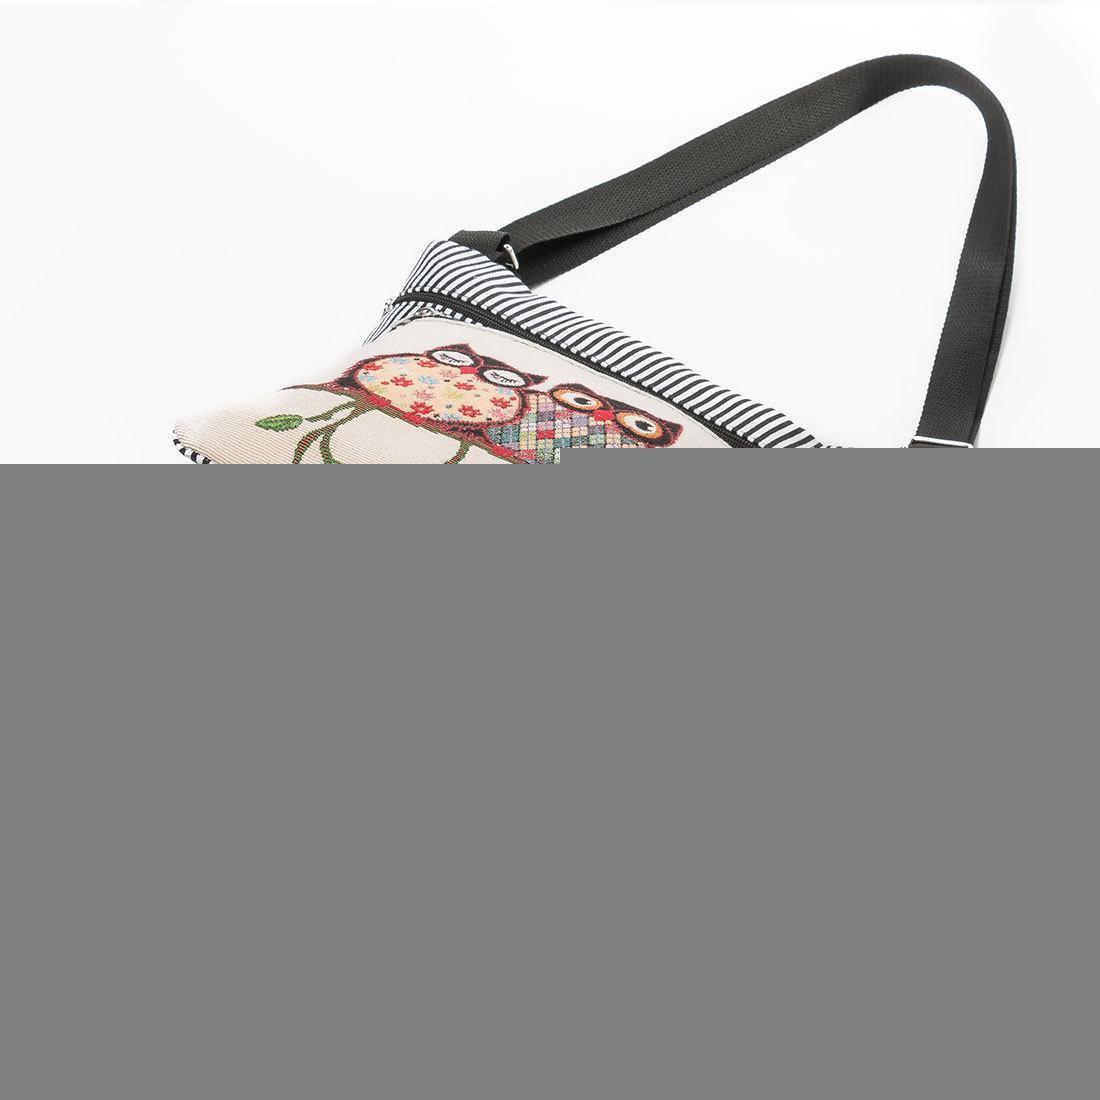 Borsa di nuovo donne ricamato gufo del Tote Borse Donna Borsa a tracolla borse postino della confezione attrazioni borsa a mano strisce pacchetto diagonale